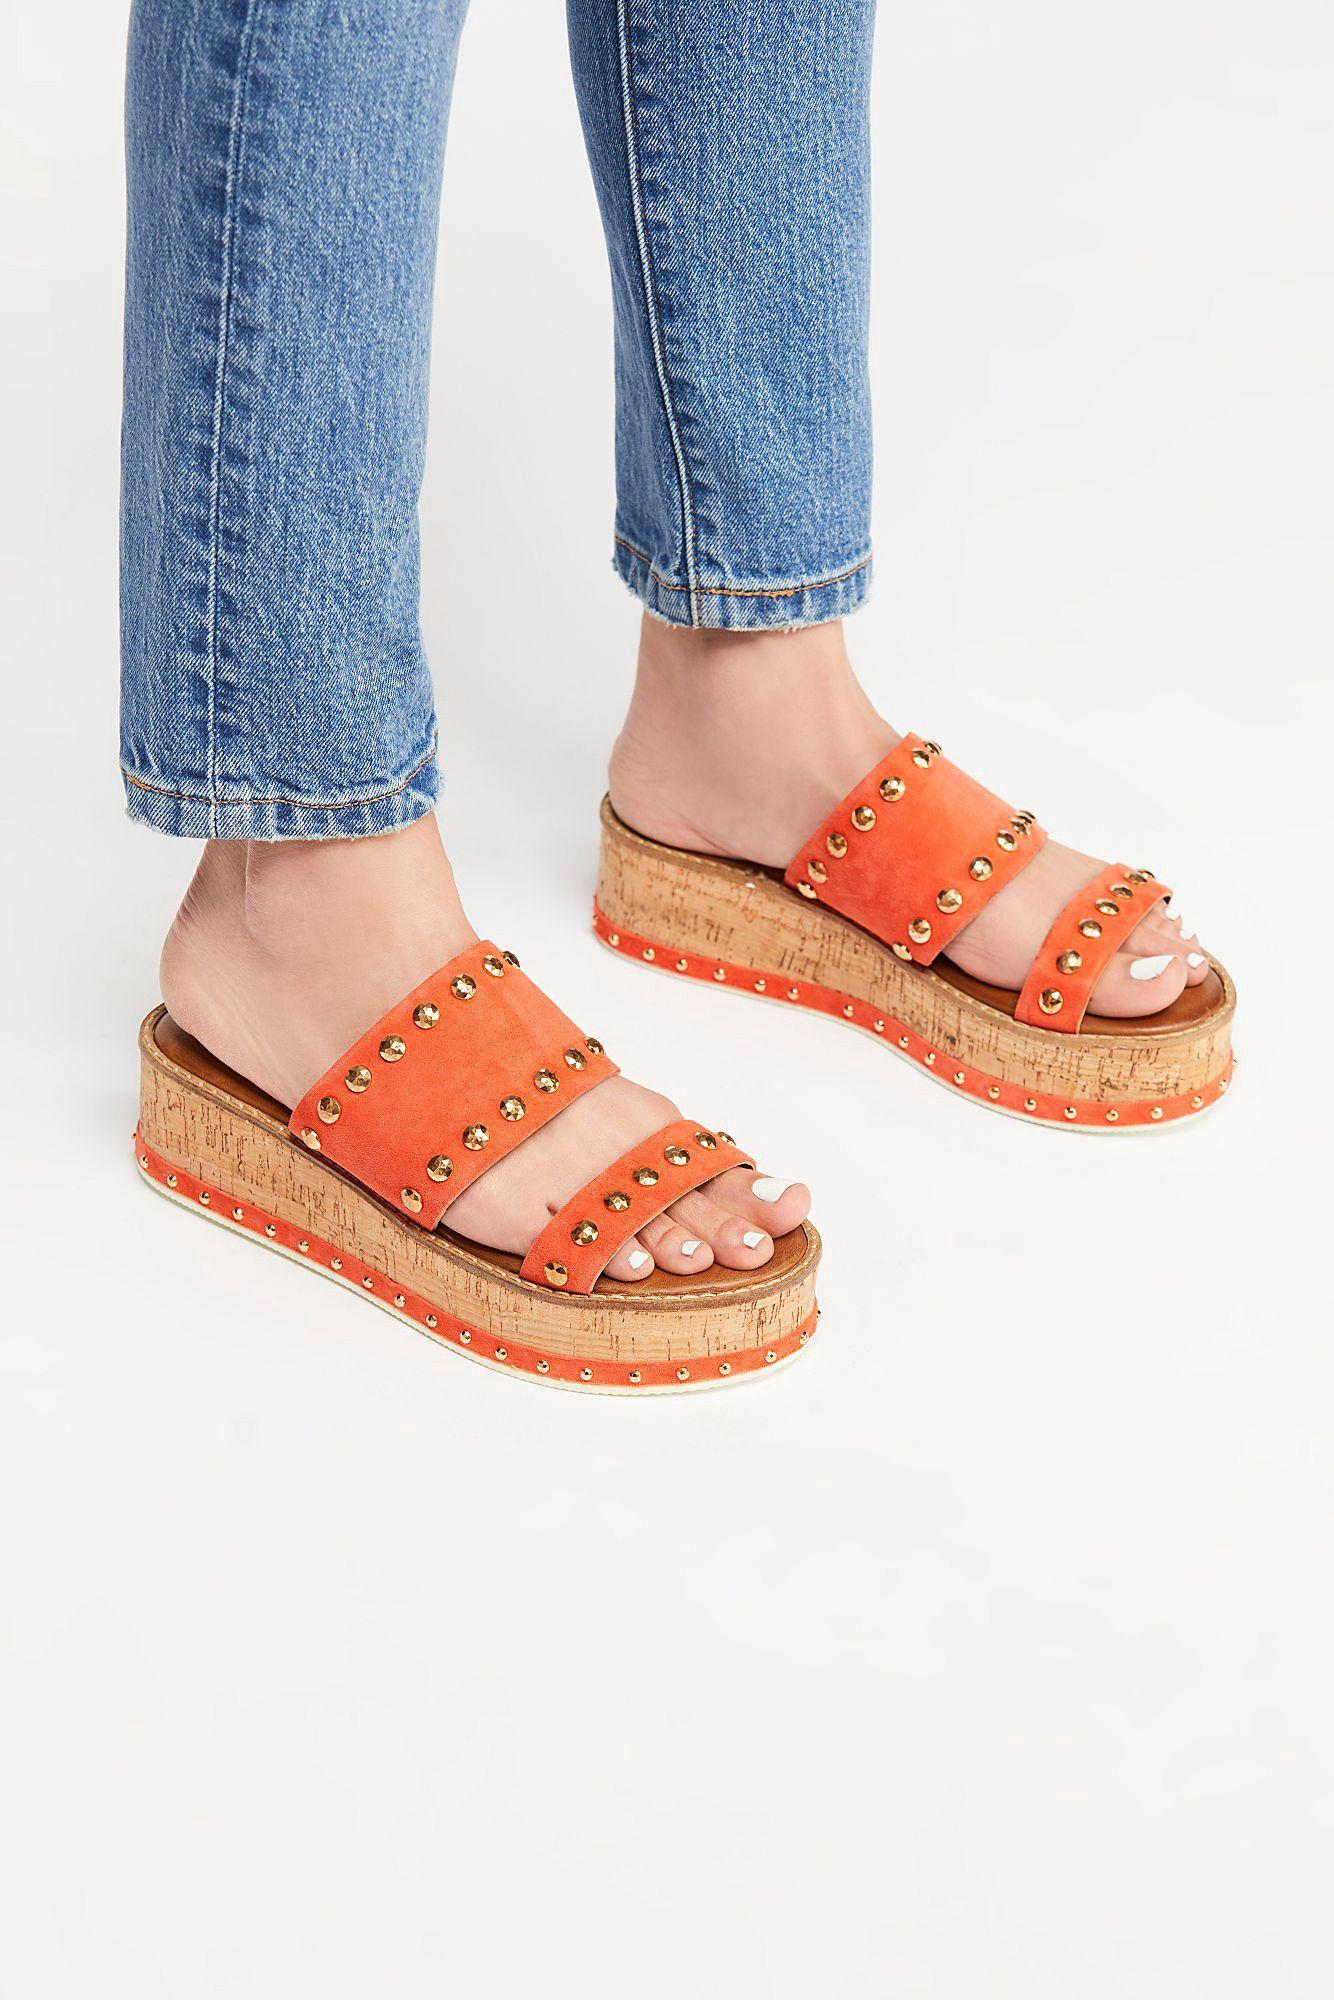 5821785fb5b Free People Lola Flatform Sandal - Sunkissed 41 Euro